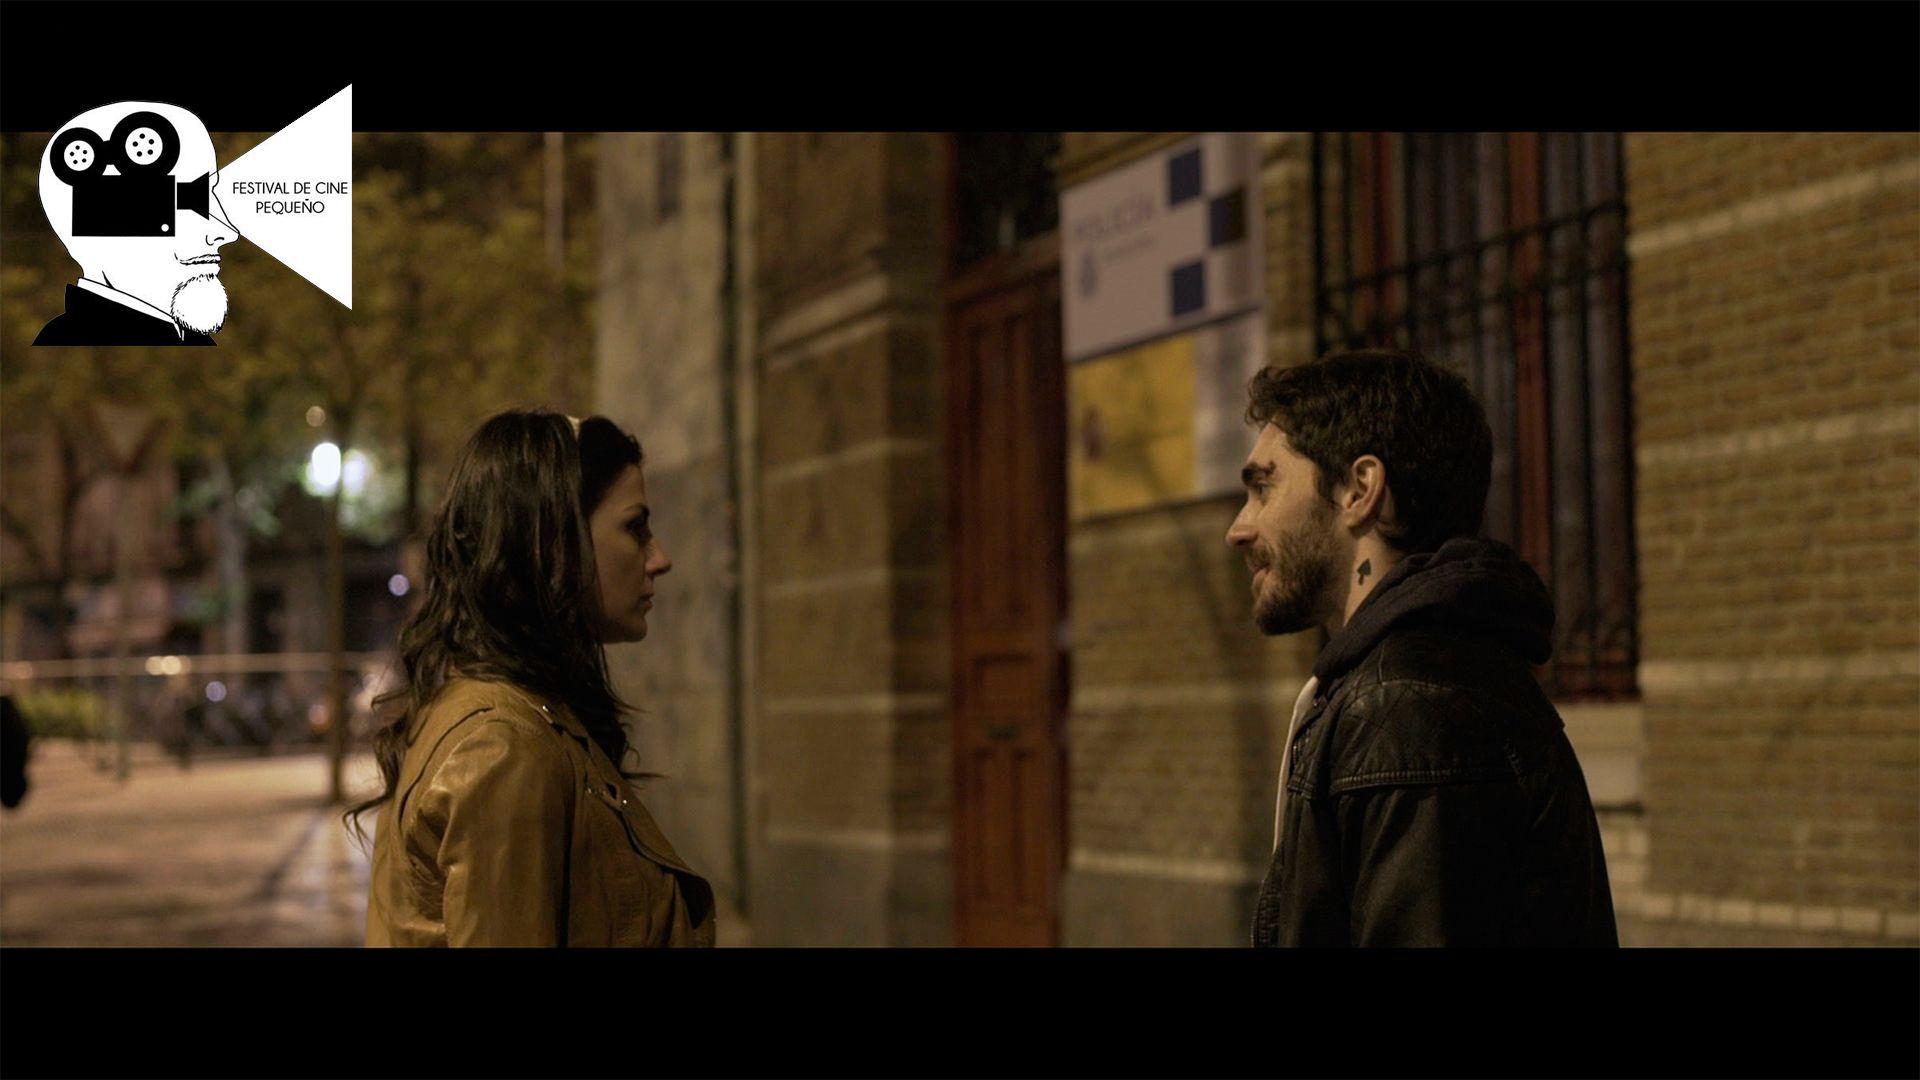 'Roma Backwards', de Cristian Valenciano, ha sido seleccionado por el Festival de Cine Pequeño de Aspe para su sección de cortos alicantinos. El certamen celebra su tercera edición del 16 al 19 de agosto. #Digital104FilmDistribution